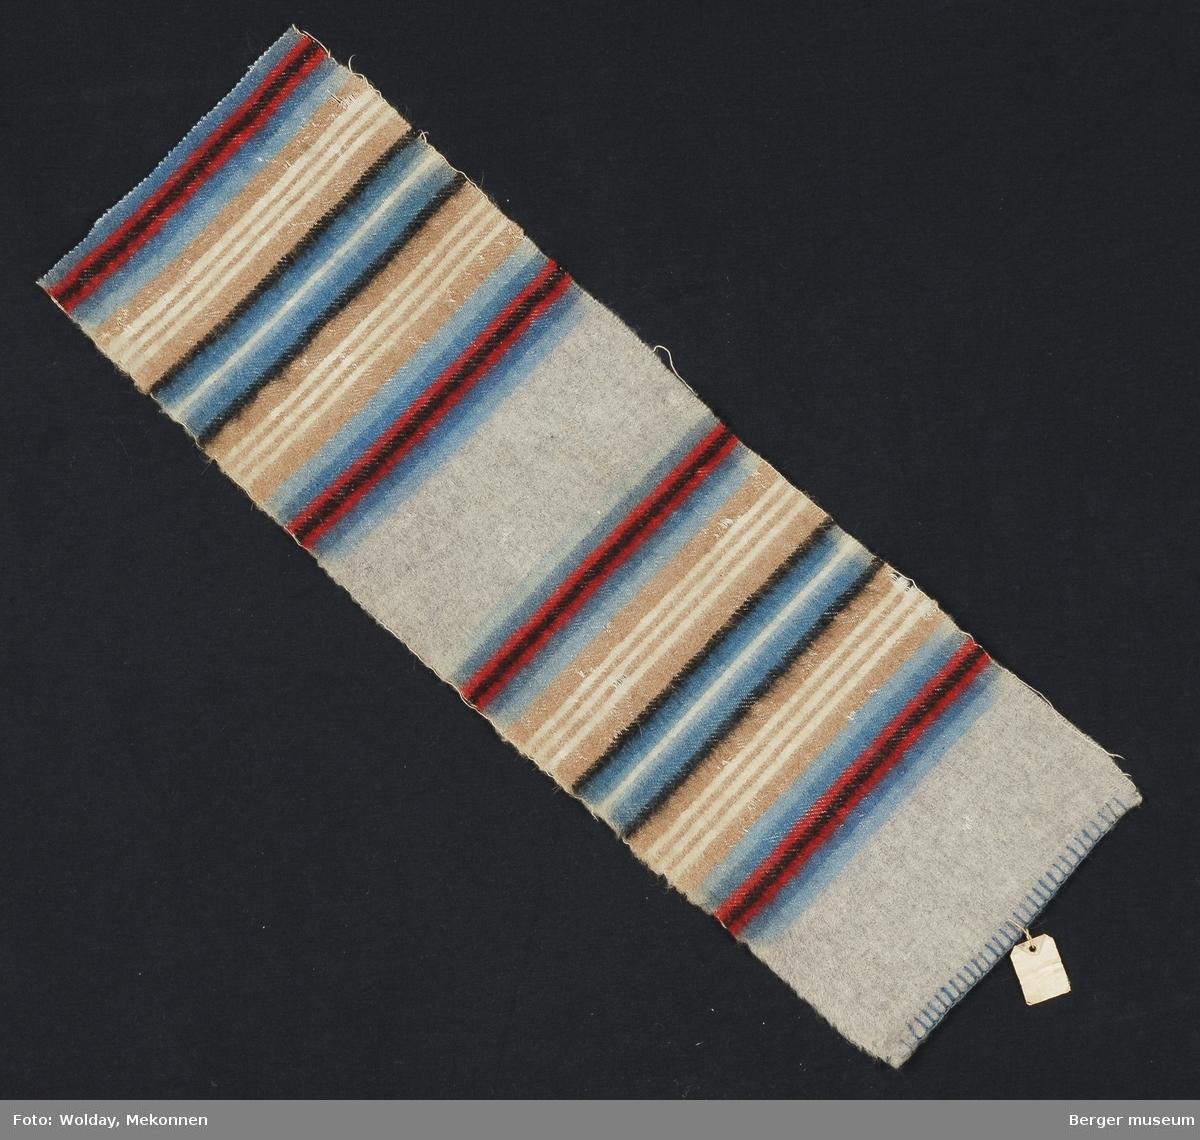 En prøve. Striper i grupper hvor stripene gjentas speilvendt.